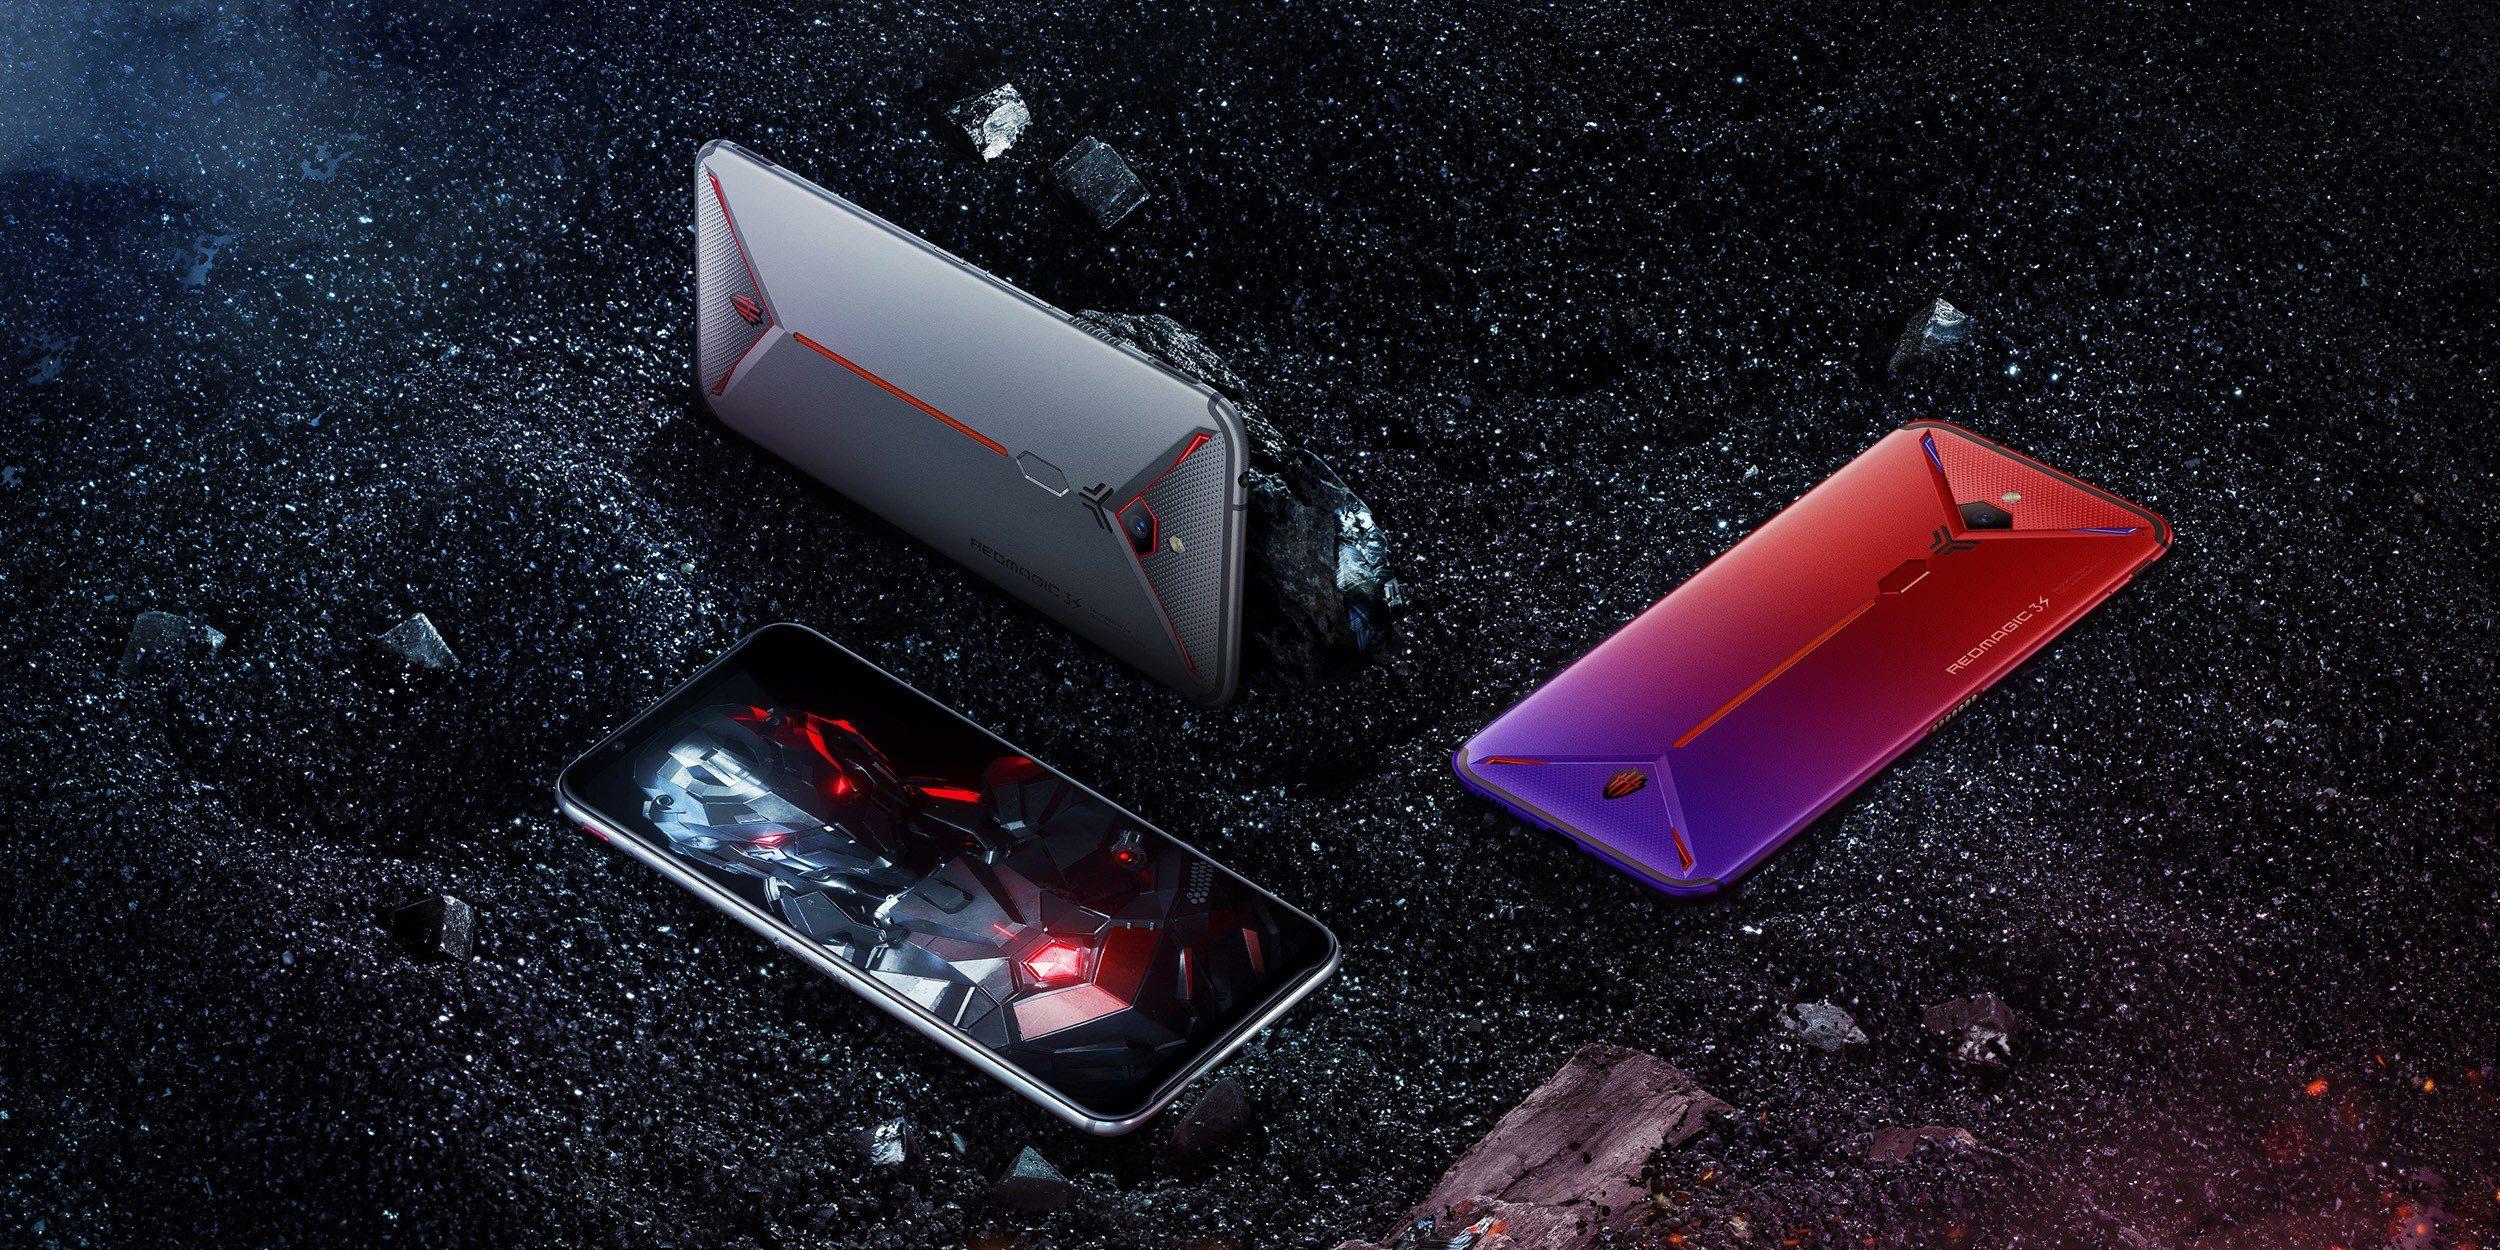 Anunciado Nubia Red Magic 3S, lançado mundialmente em outubro de 2019